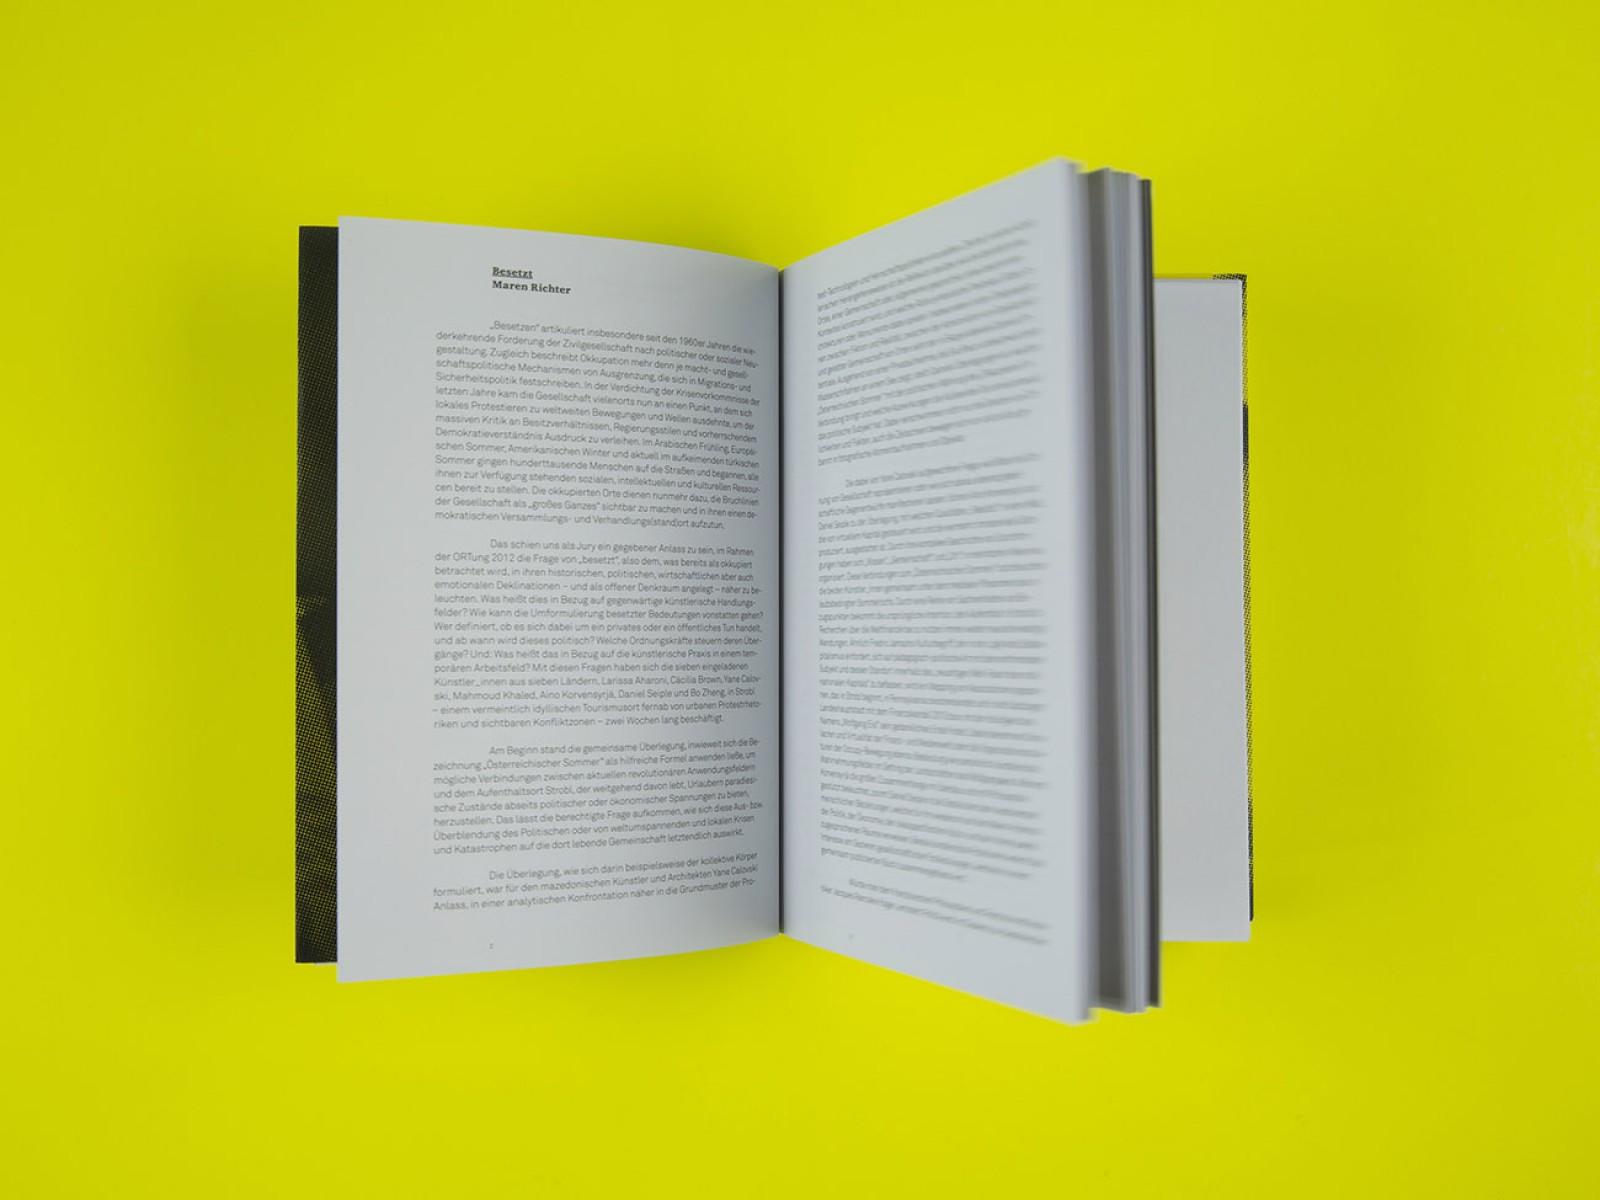 Gestaltung und Layout einer Textdoppelseite des Ausstellungskatalogs Salzburger Kunstverein